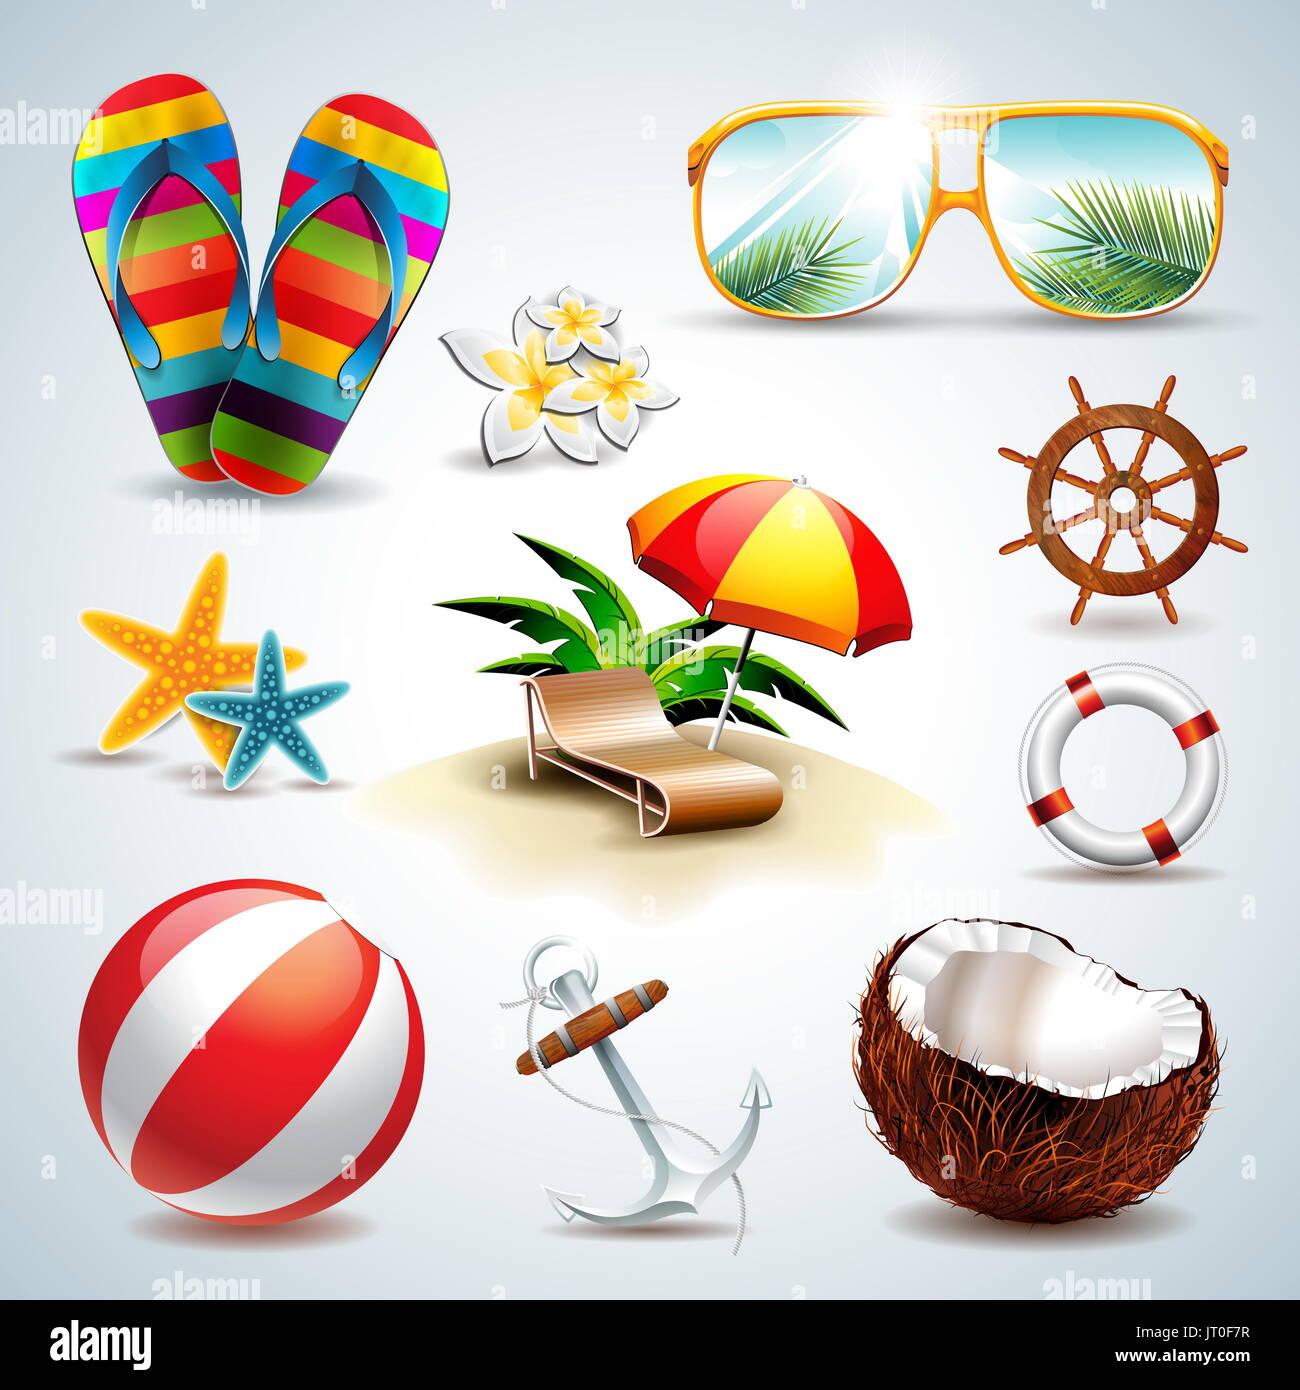 Vacaciones de Verano conjunto de iconos vectoriales sobre fondo claro. Eps10 ilustración. Imagen De Stock